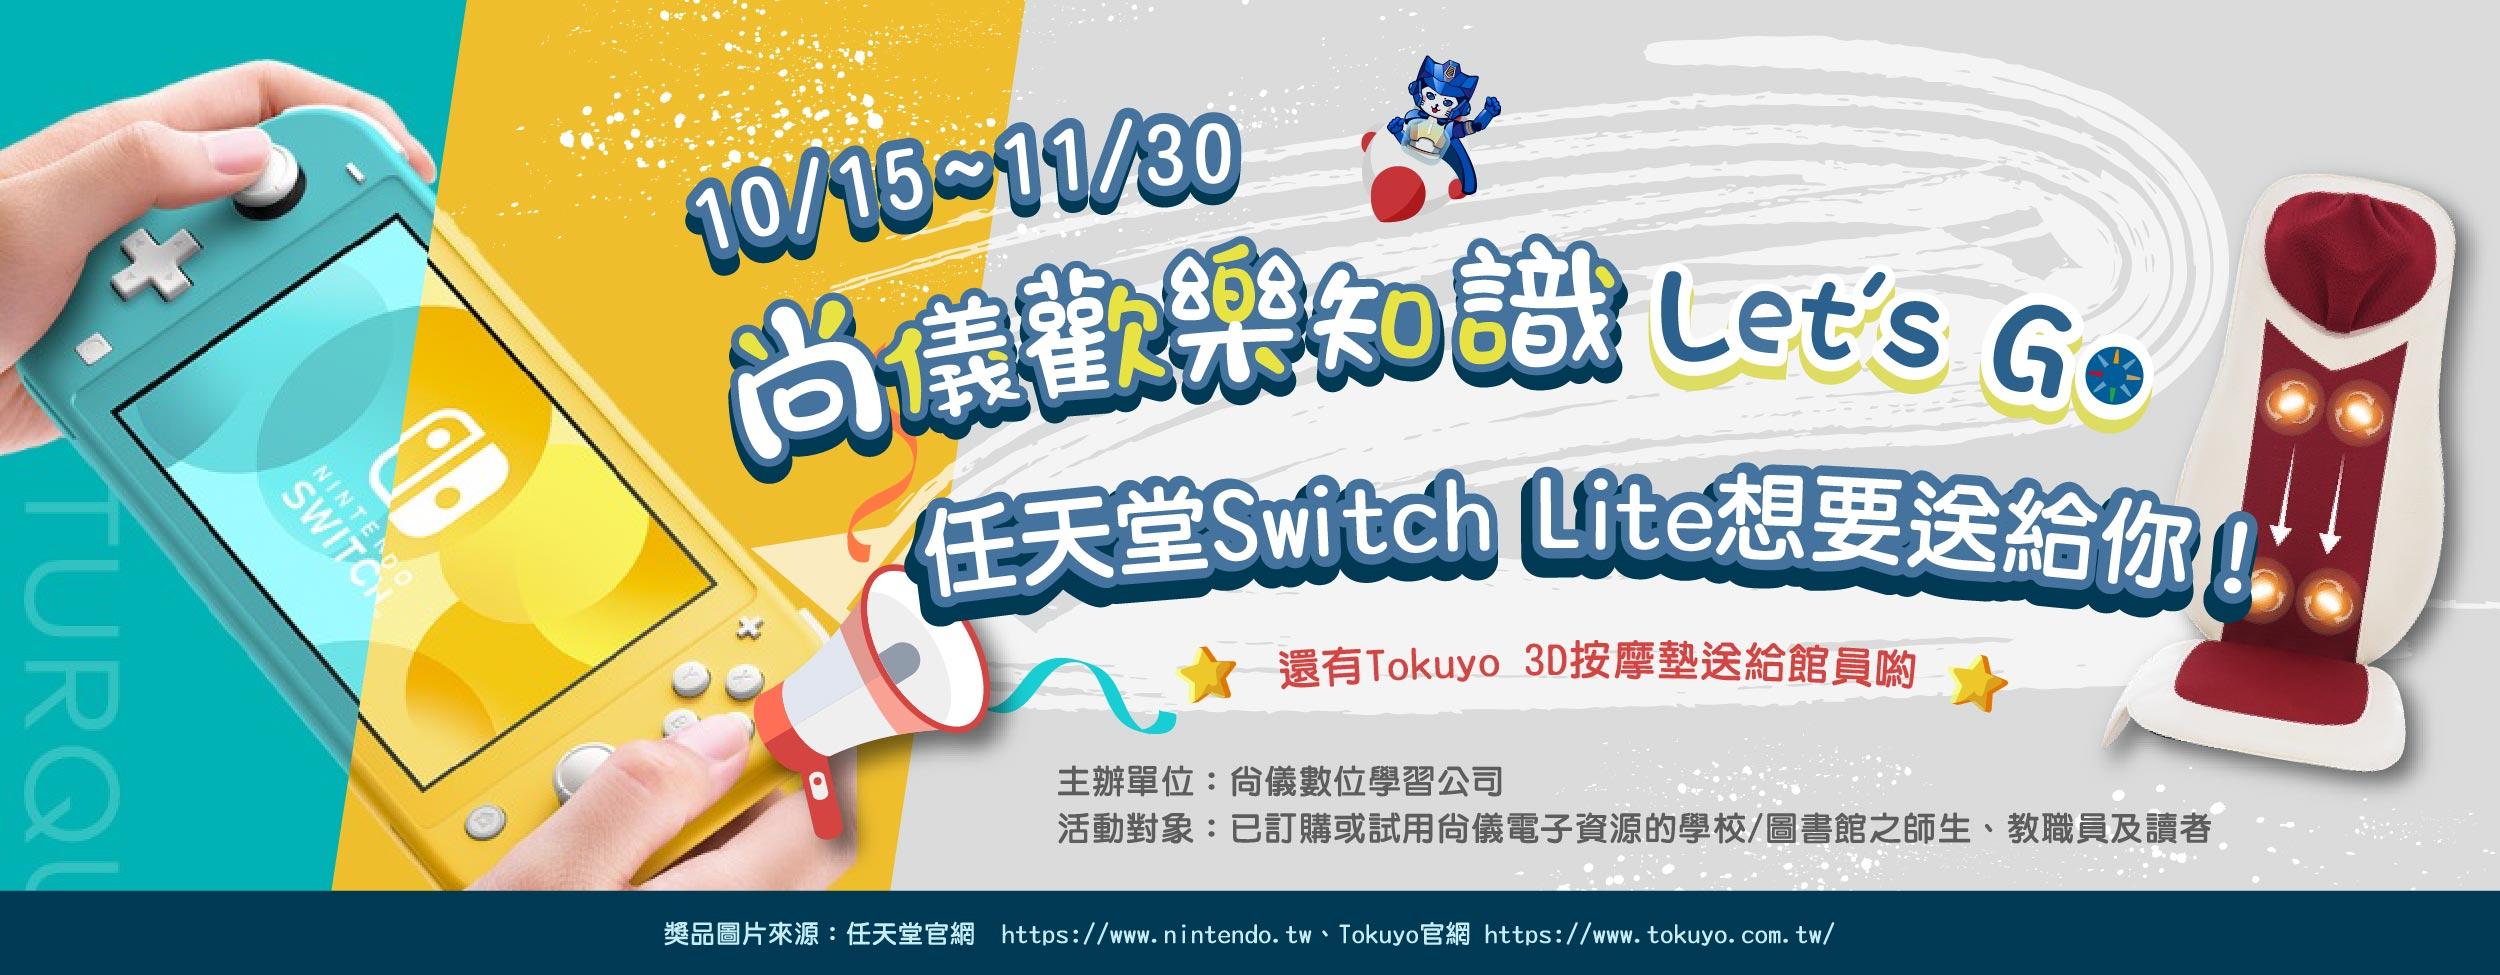 任天堂Switch Lite掌上型遊戲機等你拿~「尚儀歡樂知識Let's Go」